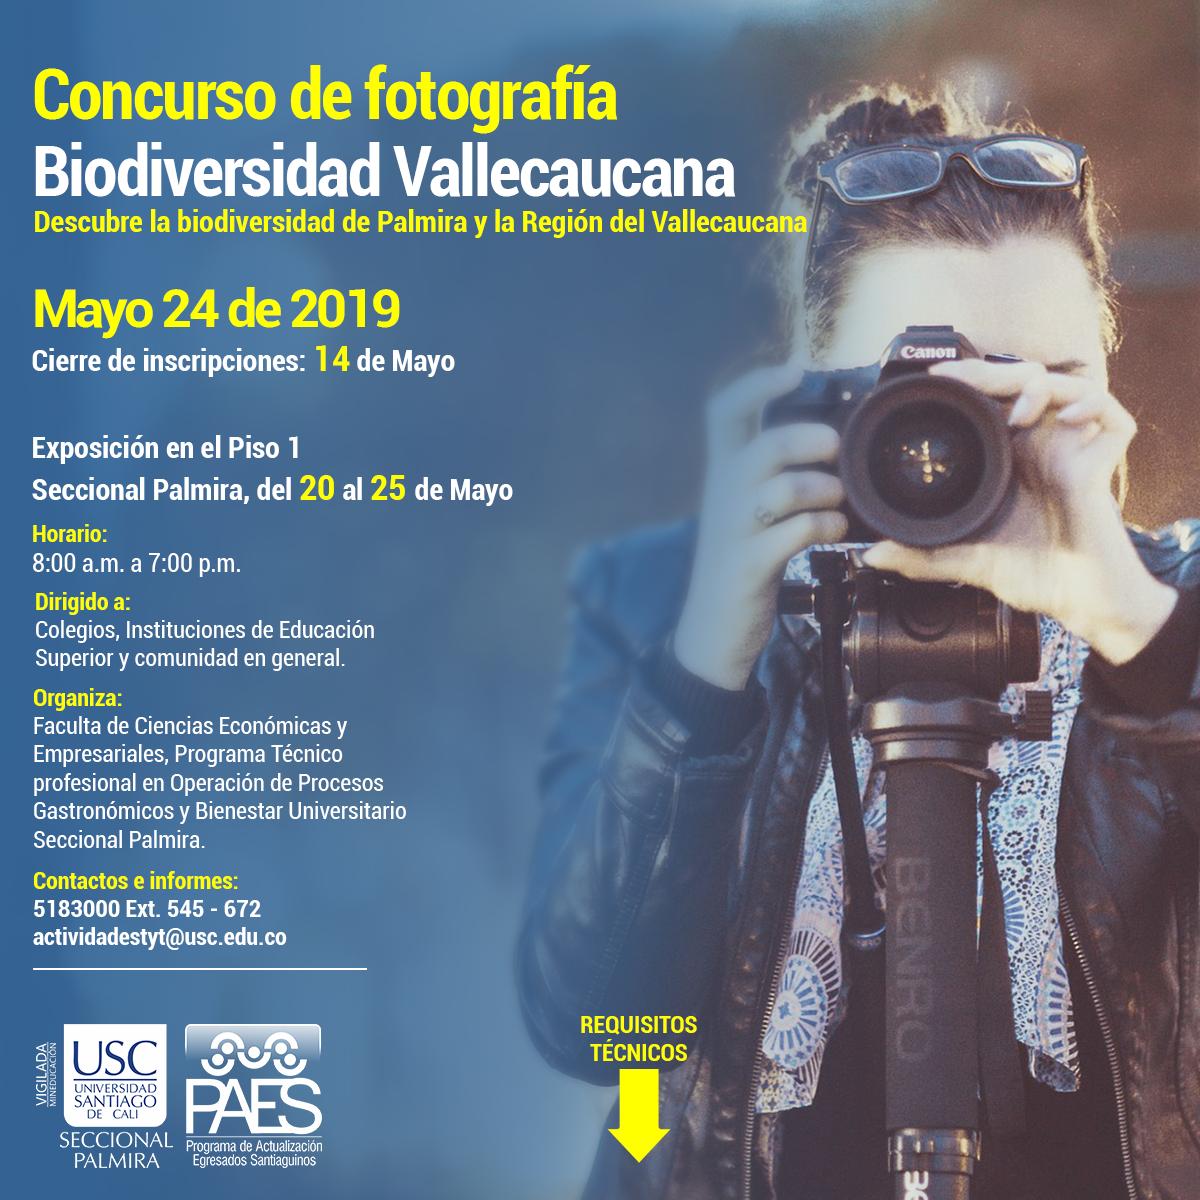 1CURSO DE FOTOGRAFIA   BIODIVERSIDAD VALLECAUCANA